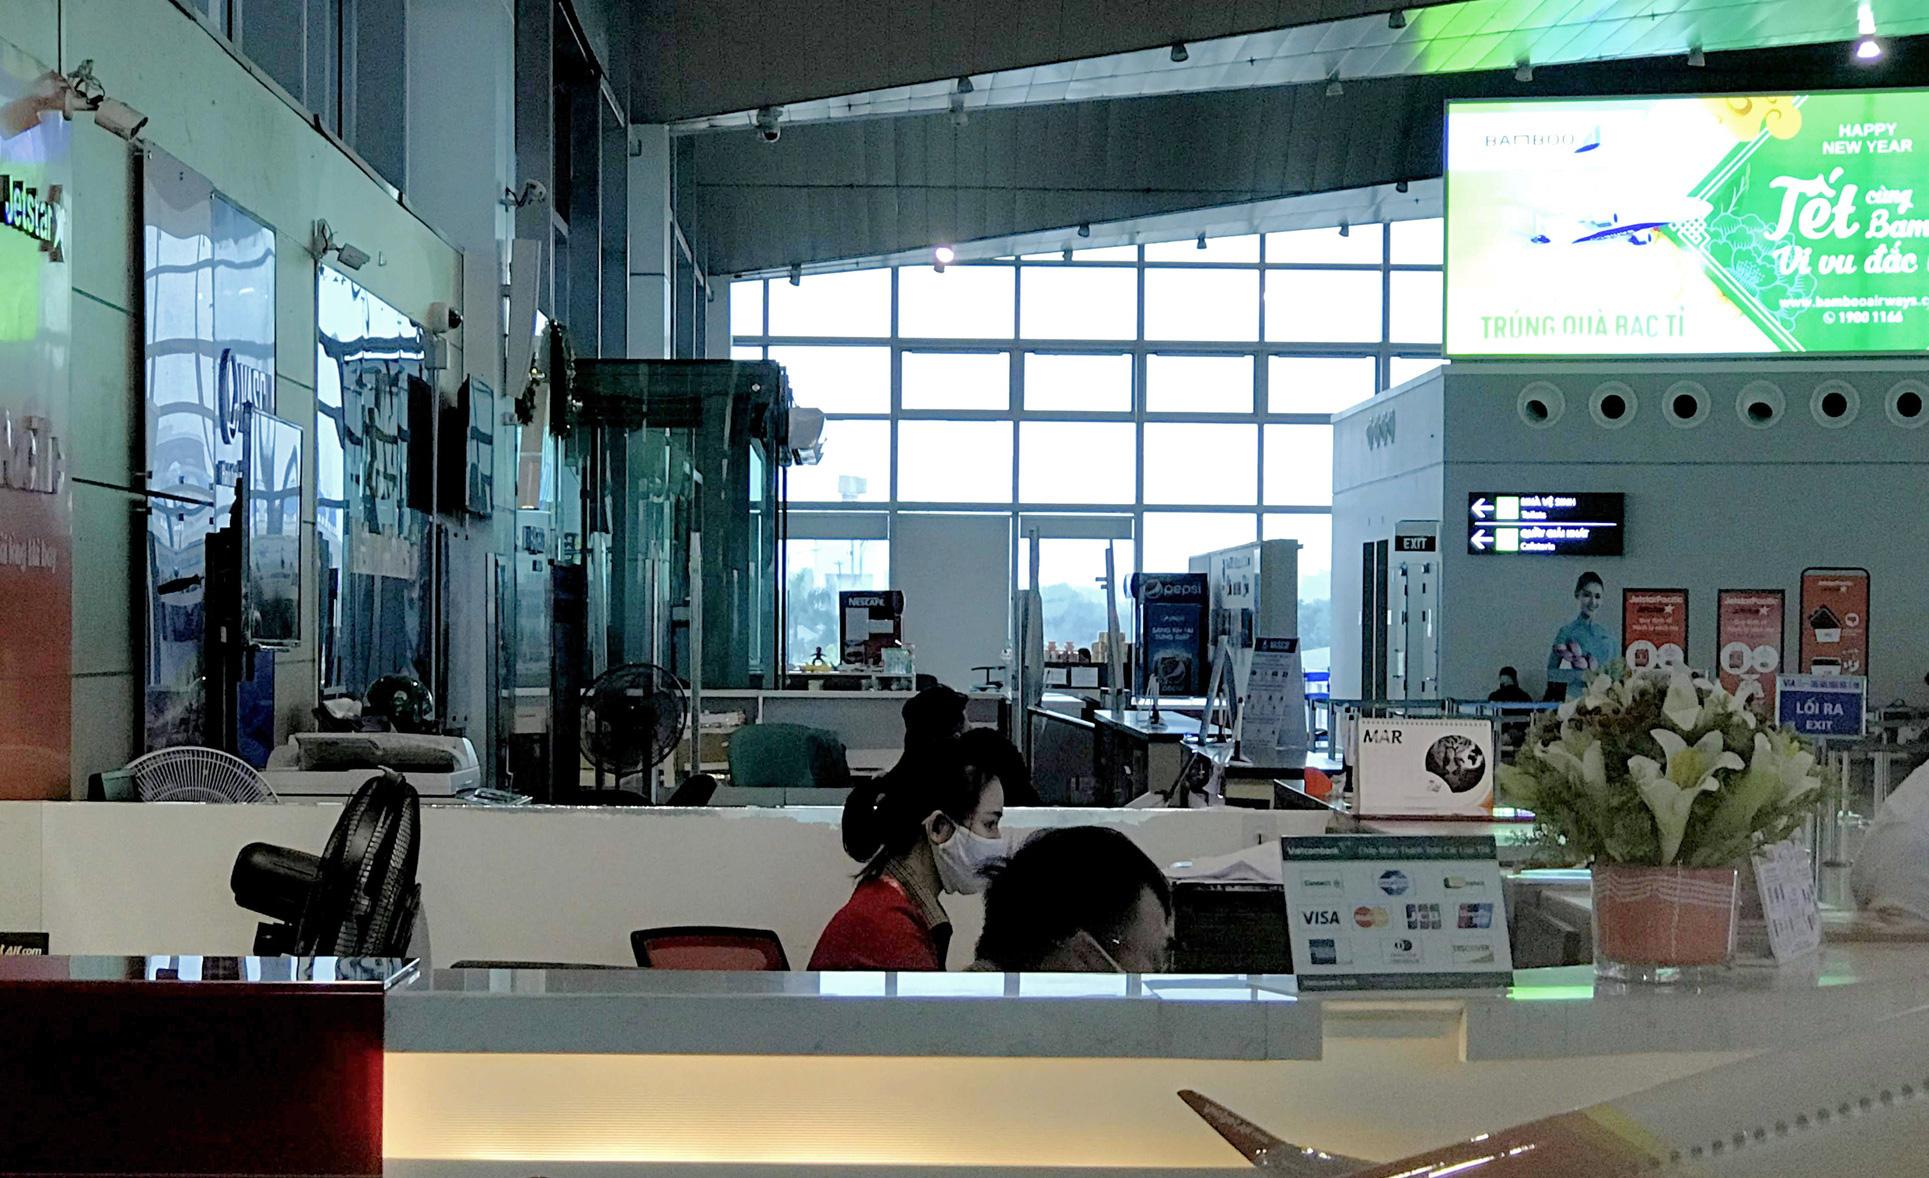 Nghệ An: Nhà xe bình thường chạy 8-10 chuyến một ngày, nay chỉ chạy 2 chuyến vẫn không kín khách - Ảnh 5.